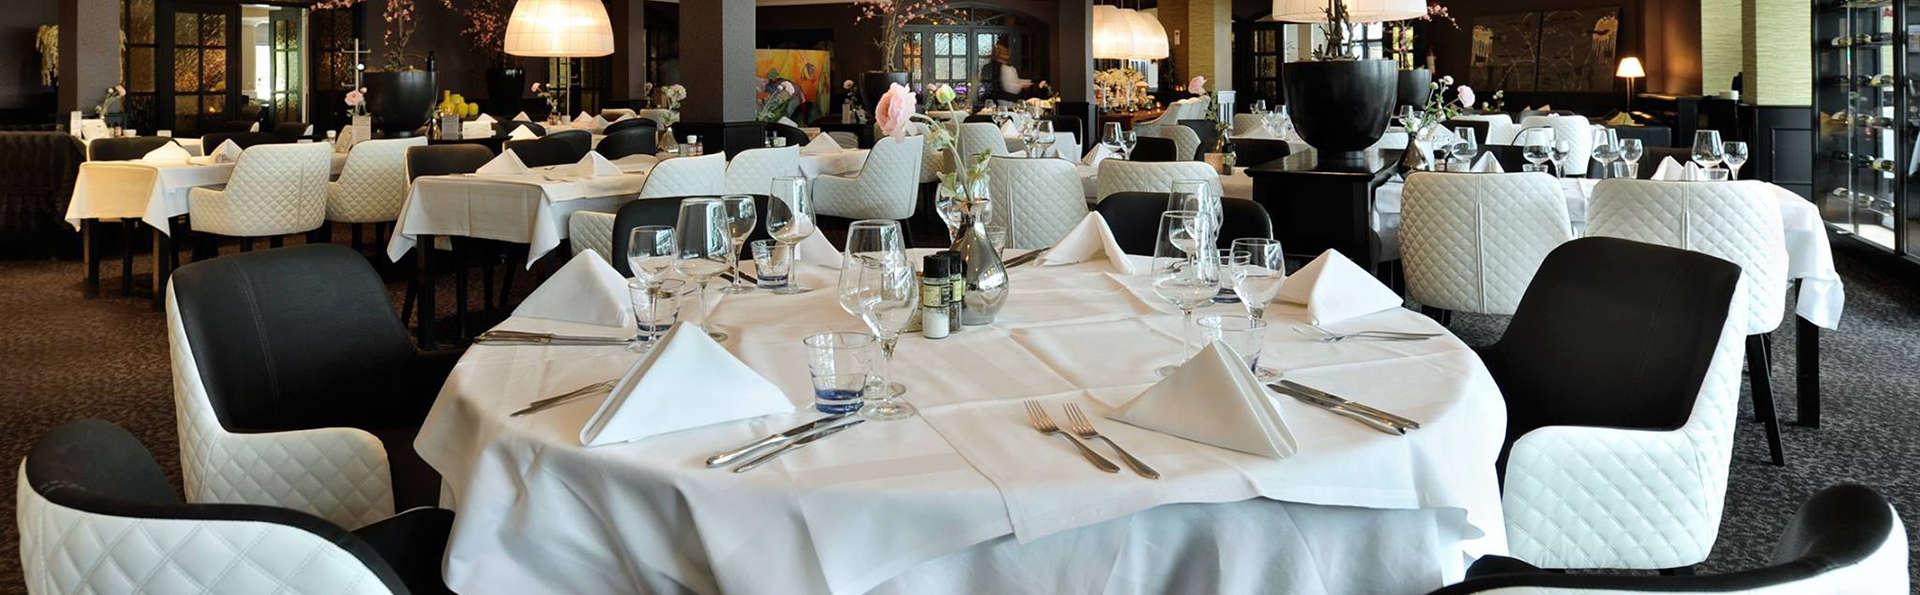 Citytrip gastronomique à Gand